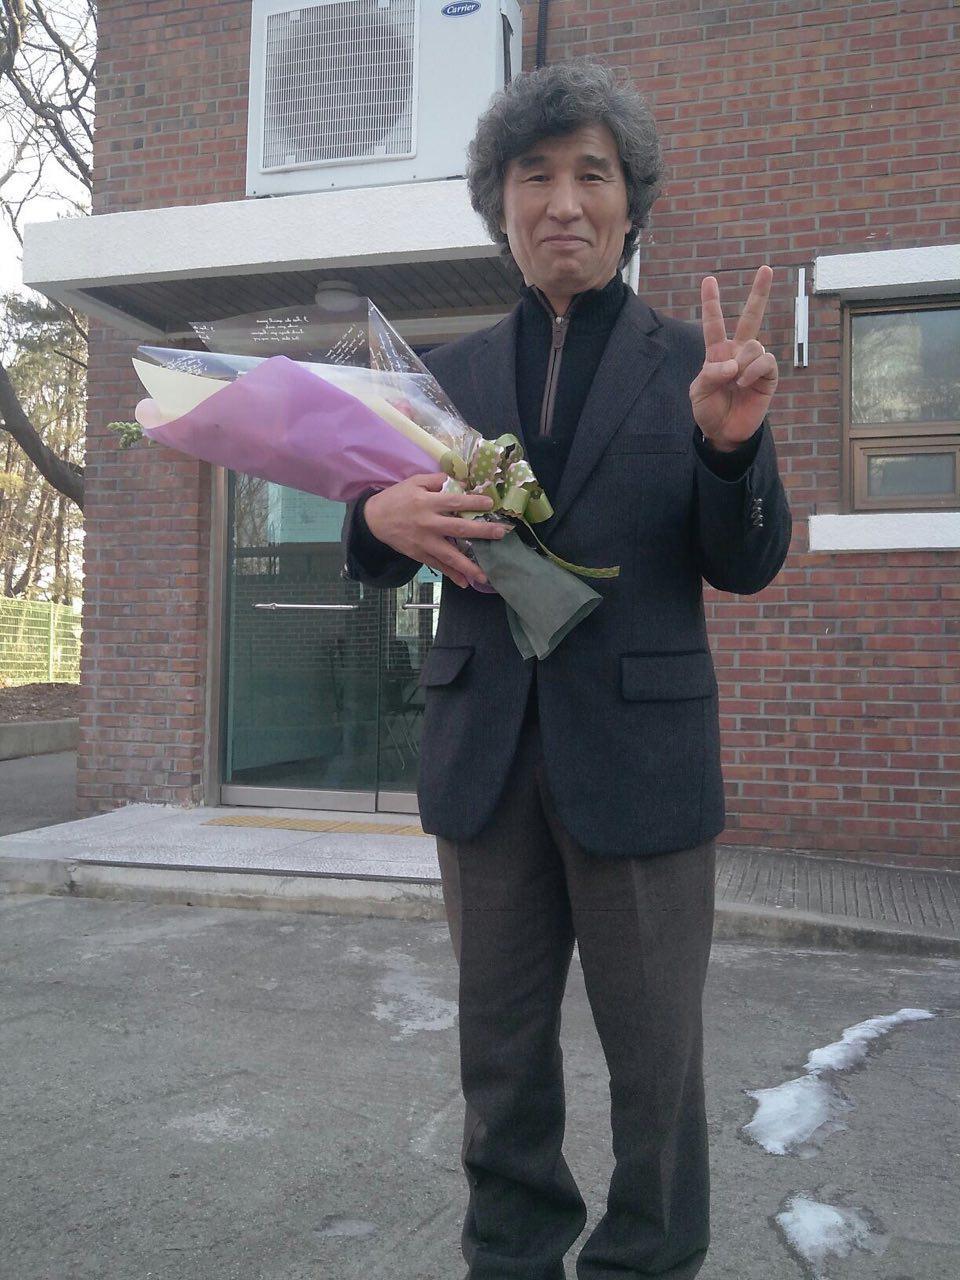 2013년 1월 8일 춘천지방법원 속초지원에서 열린 재심선고공판에서 무죄를 선고 받은 뒤 승리의 '브이'자를 들어보이고 있다.